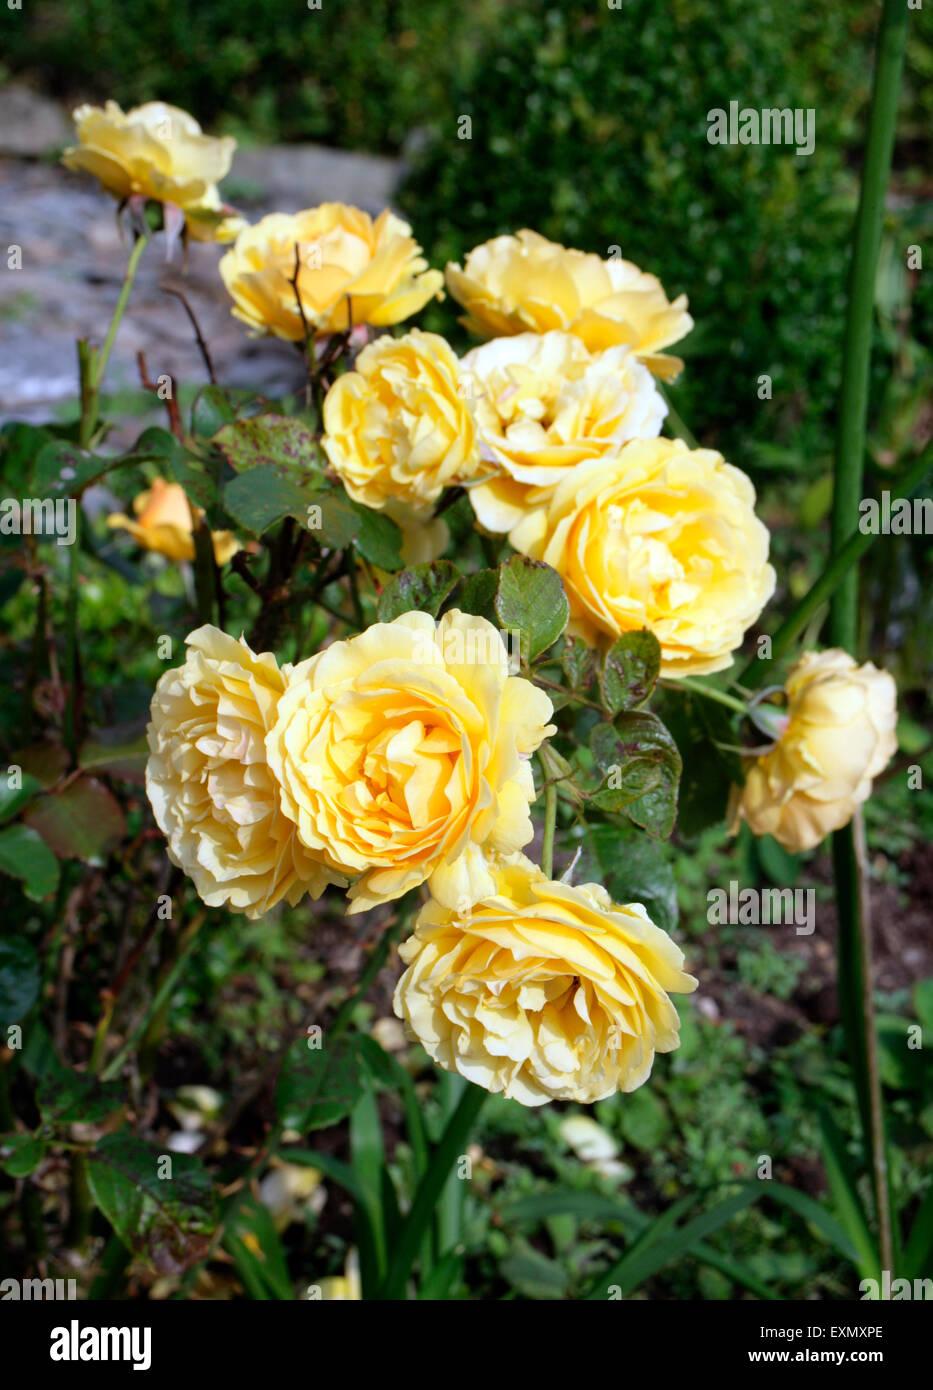 Fiori Gialli Rose.Rosa Moquette Fiore Giallo Foto Immagine Stock 85282582 Alamy